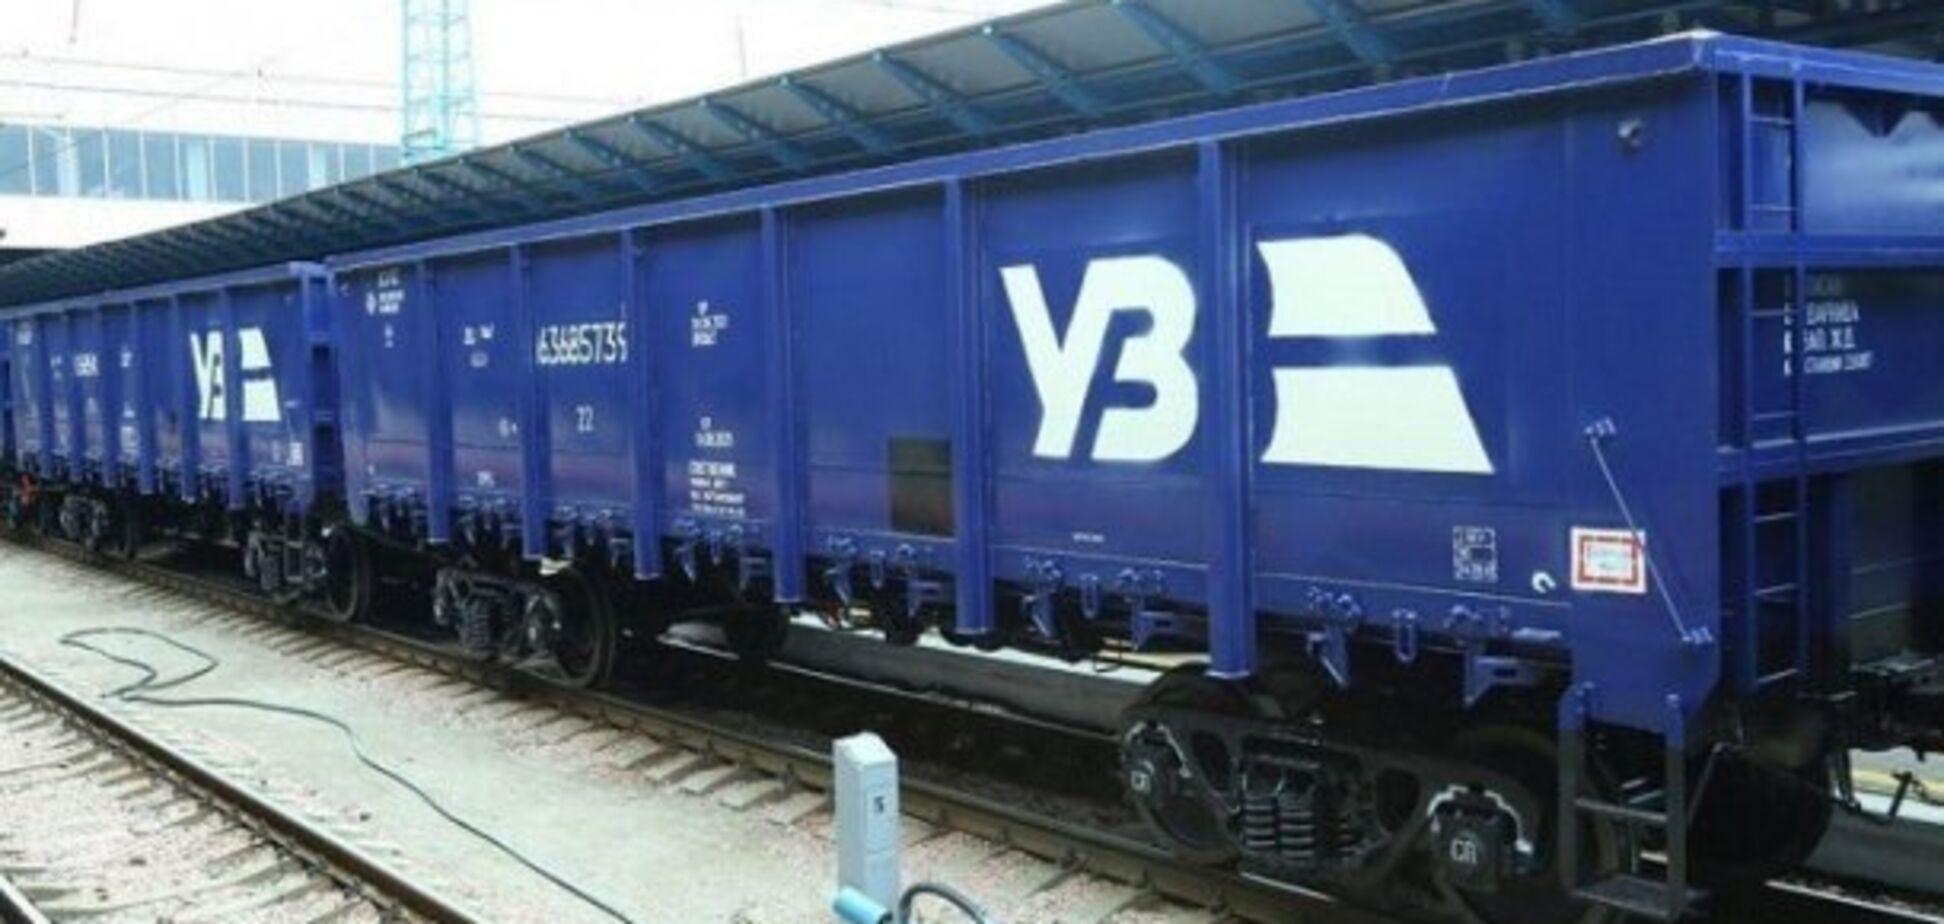 Юрик подтвердил, что грузовые перевозки финансируют всю 'Укрзалізницю'